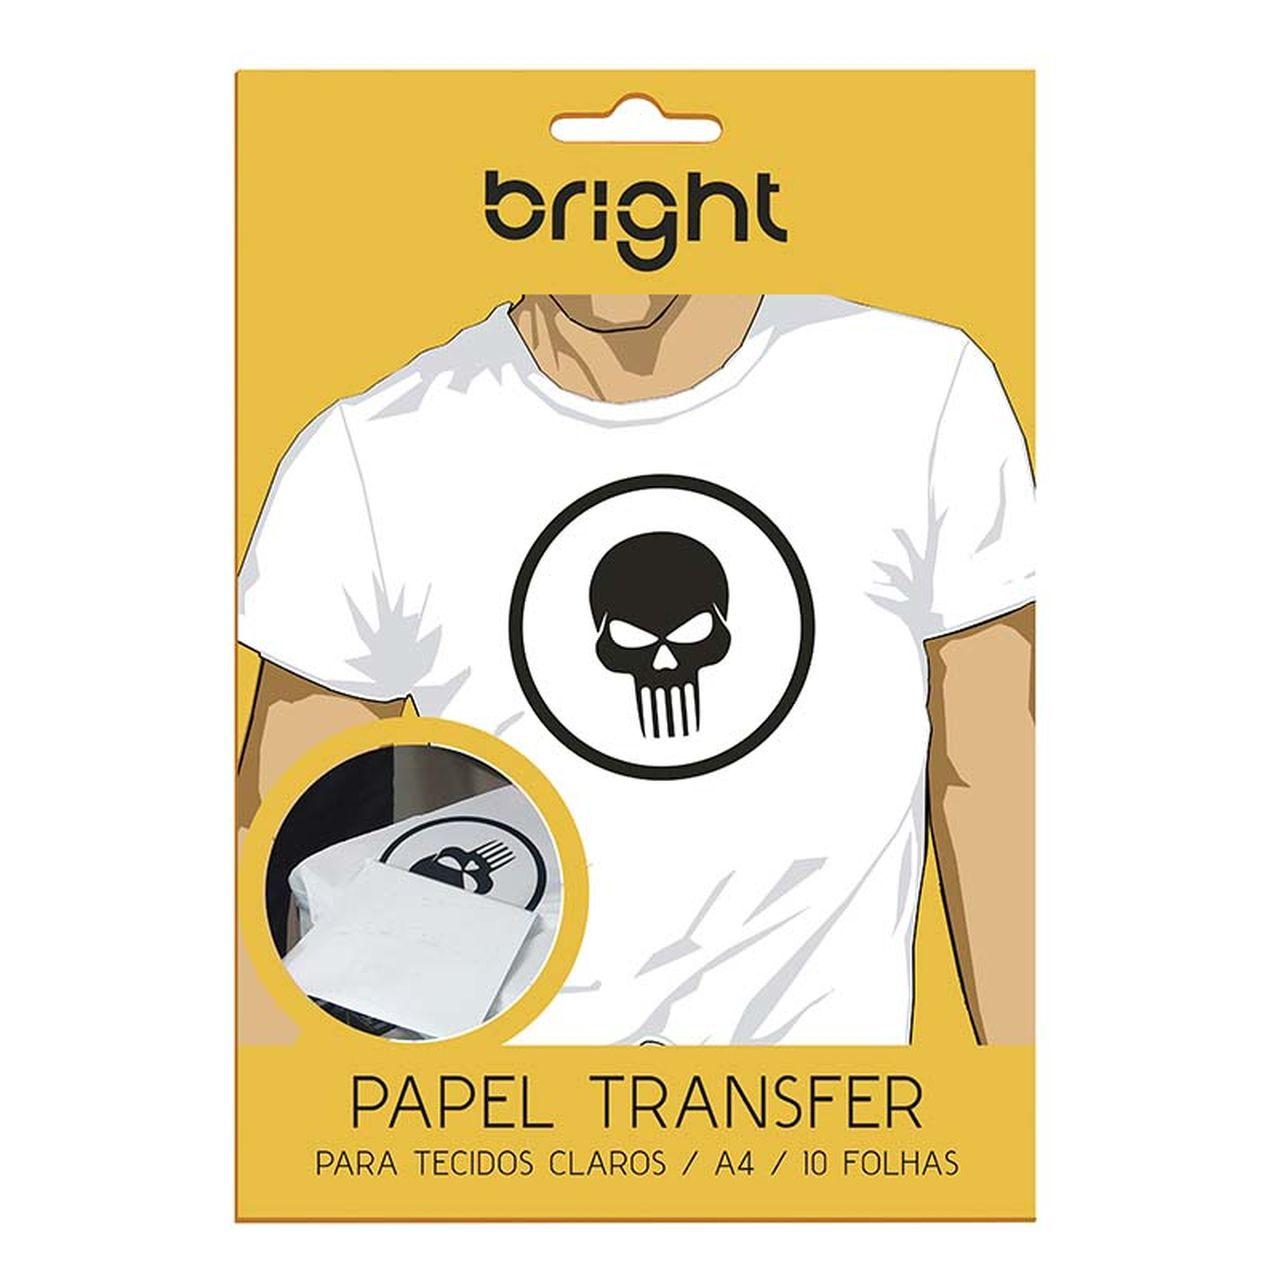 Papel Transfer para Tecido Claros 100 folhas 398 - Bright